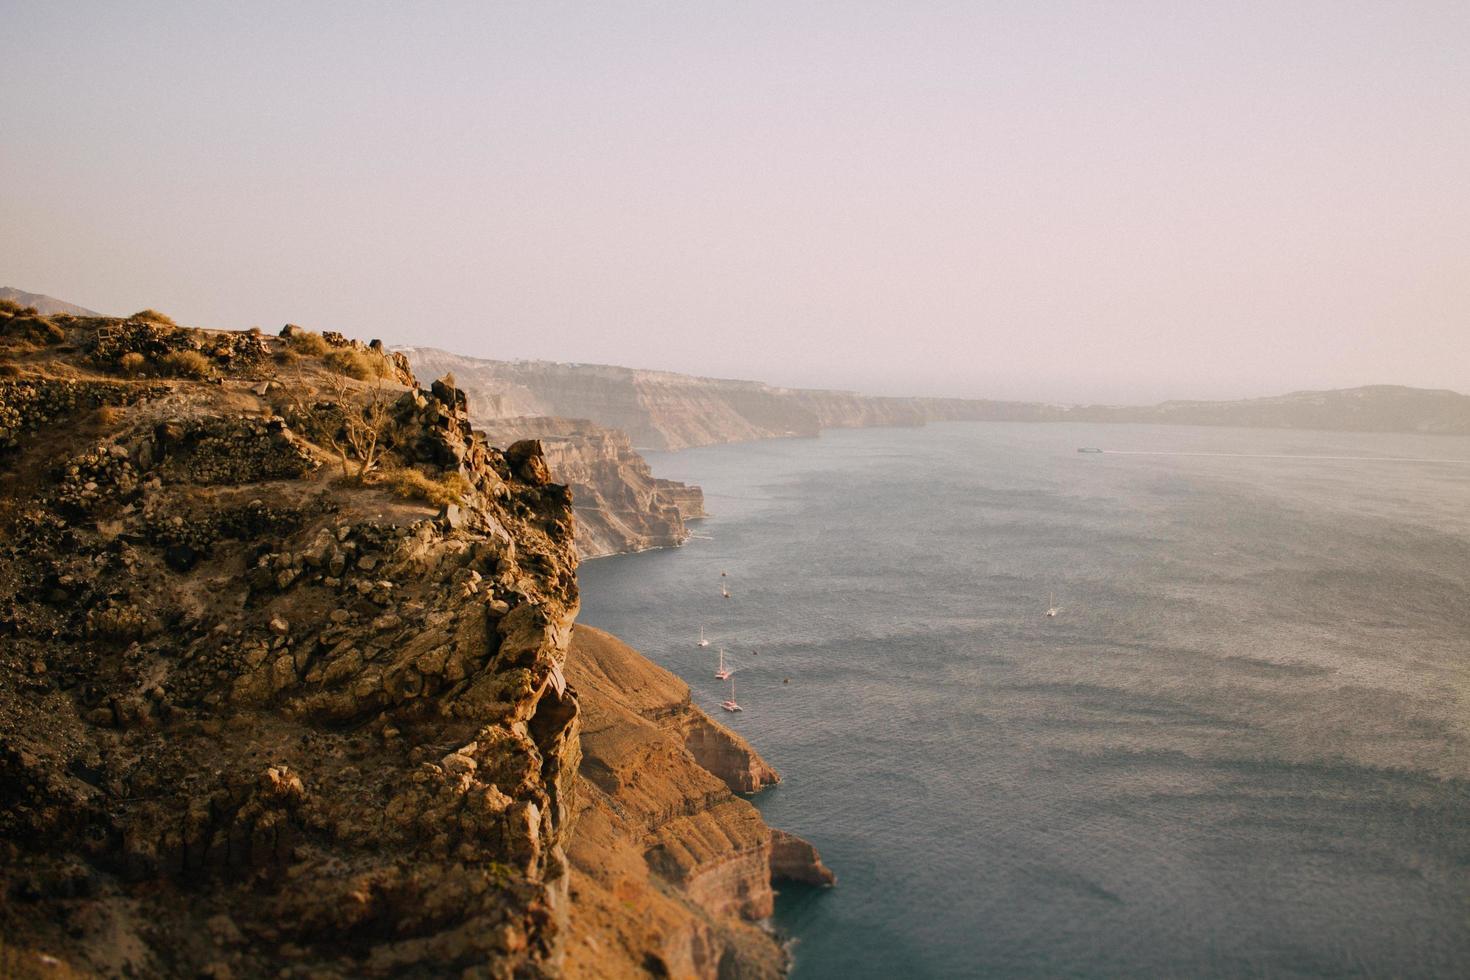 schilderachtig uitzicht op de oceaan in de buurt van kliffen foto